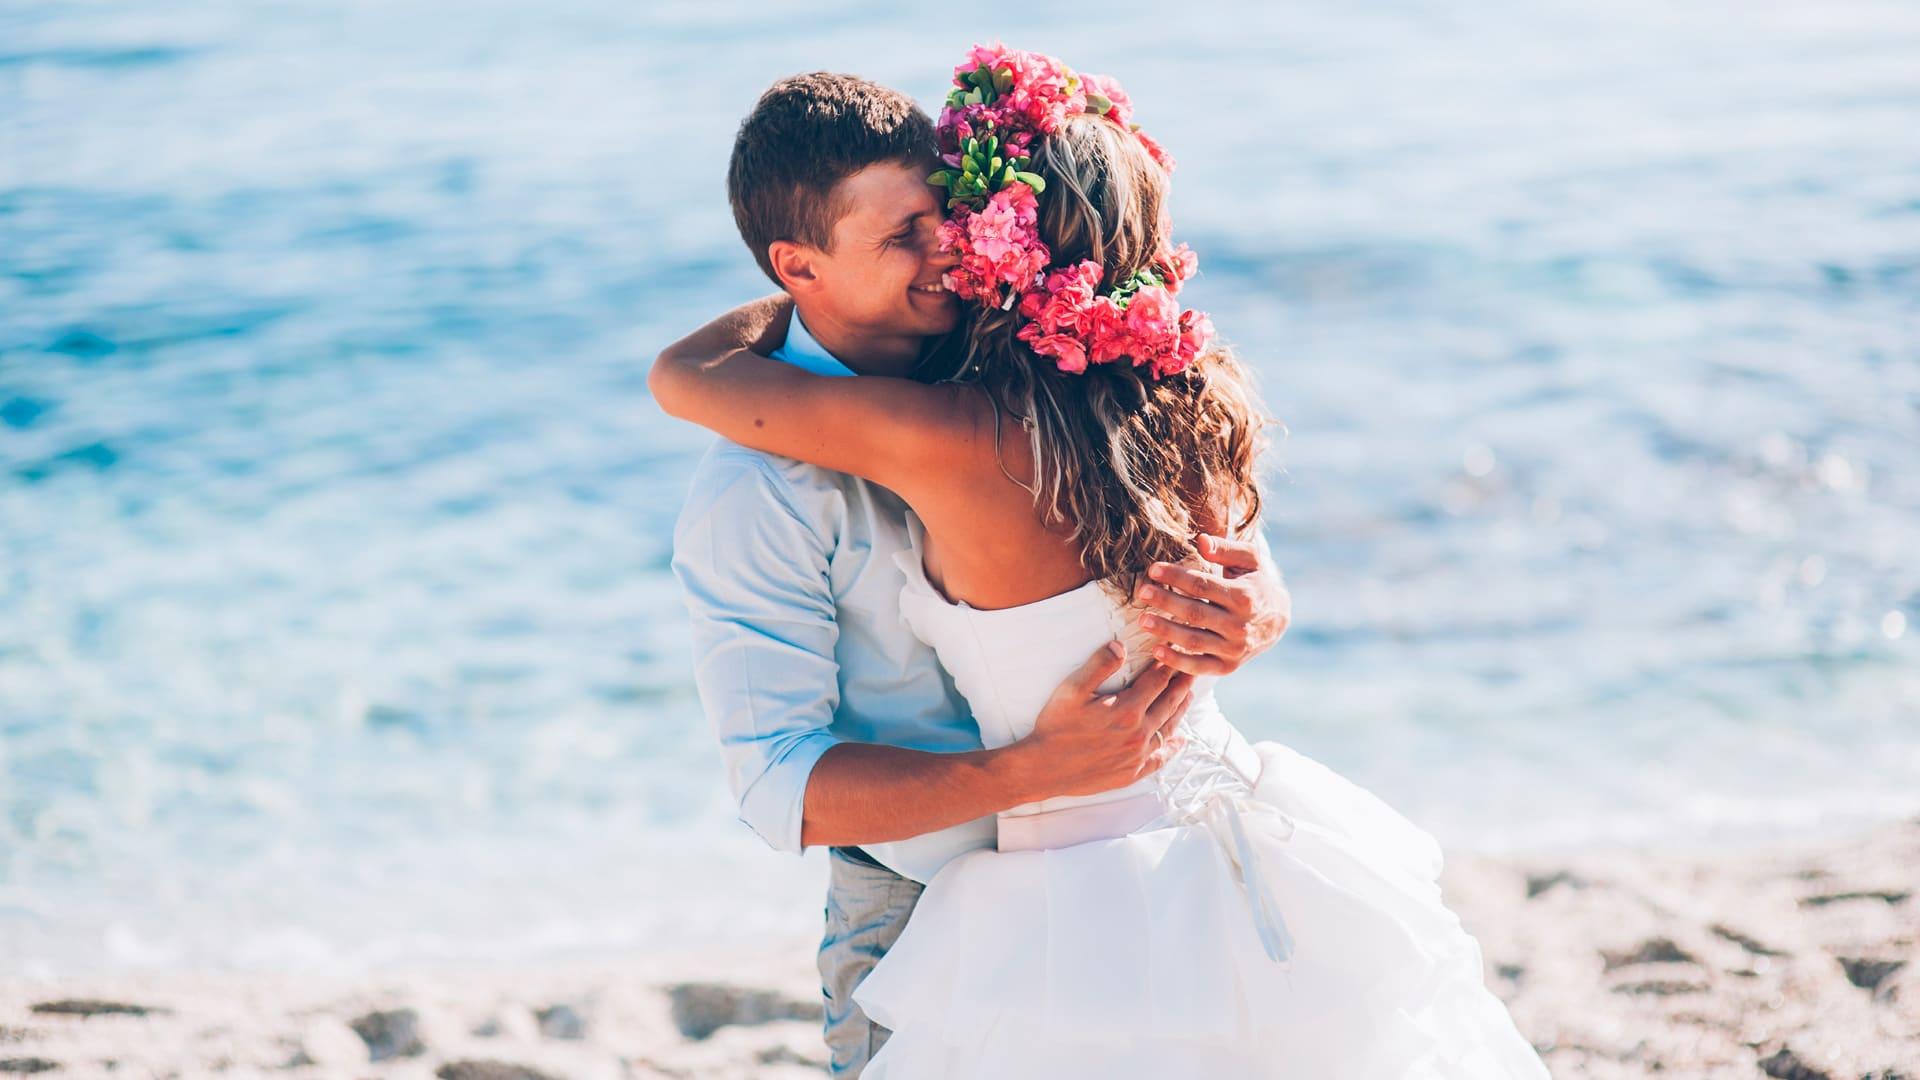 Matrimonio Toscana Spiaggia : Matrimonio in spiaggia organizzazione agenzia